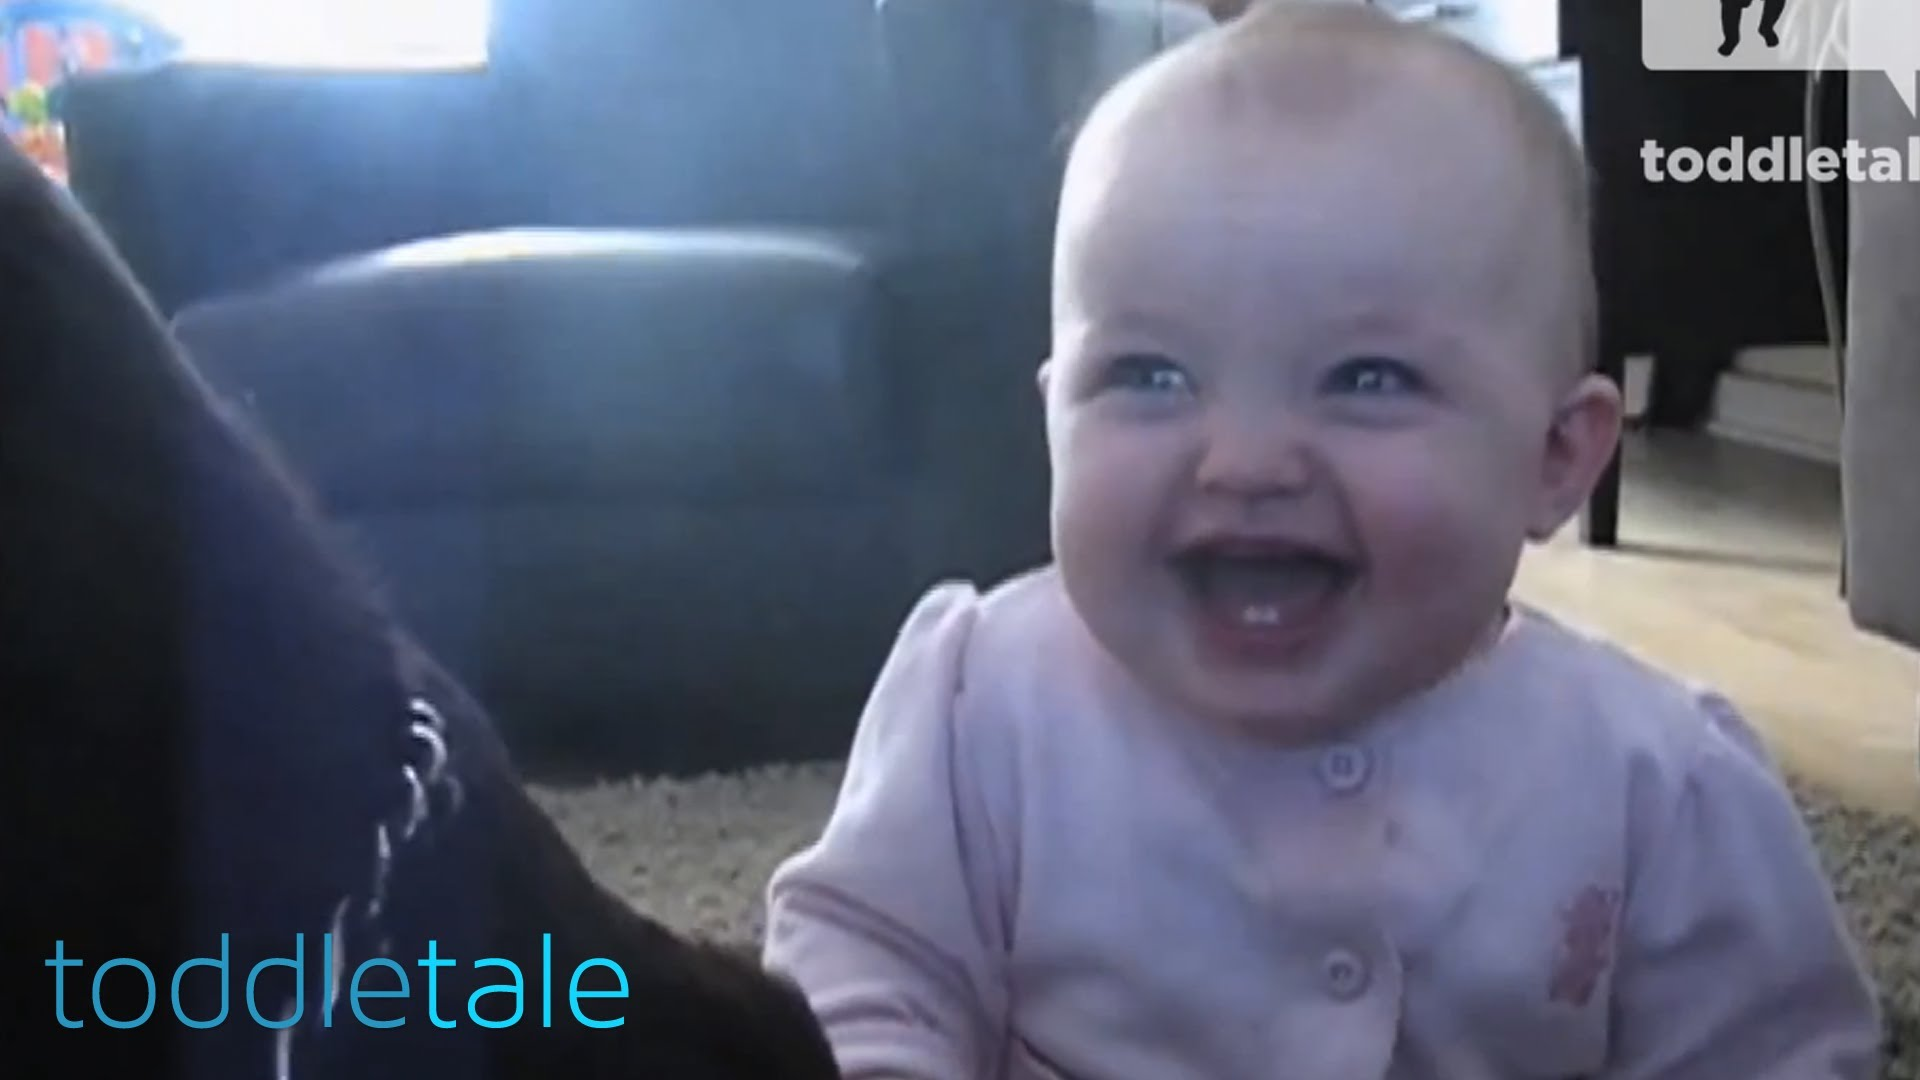 Bebé bem humorado a rir à gargalhada ao ver cão a comer pipocas